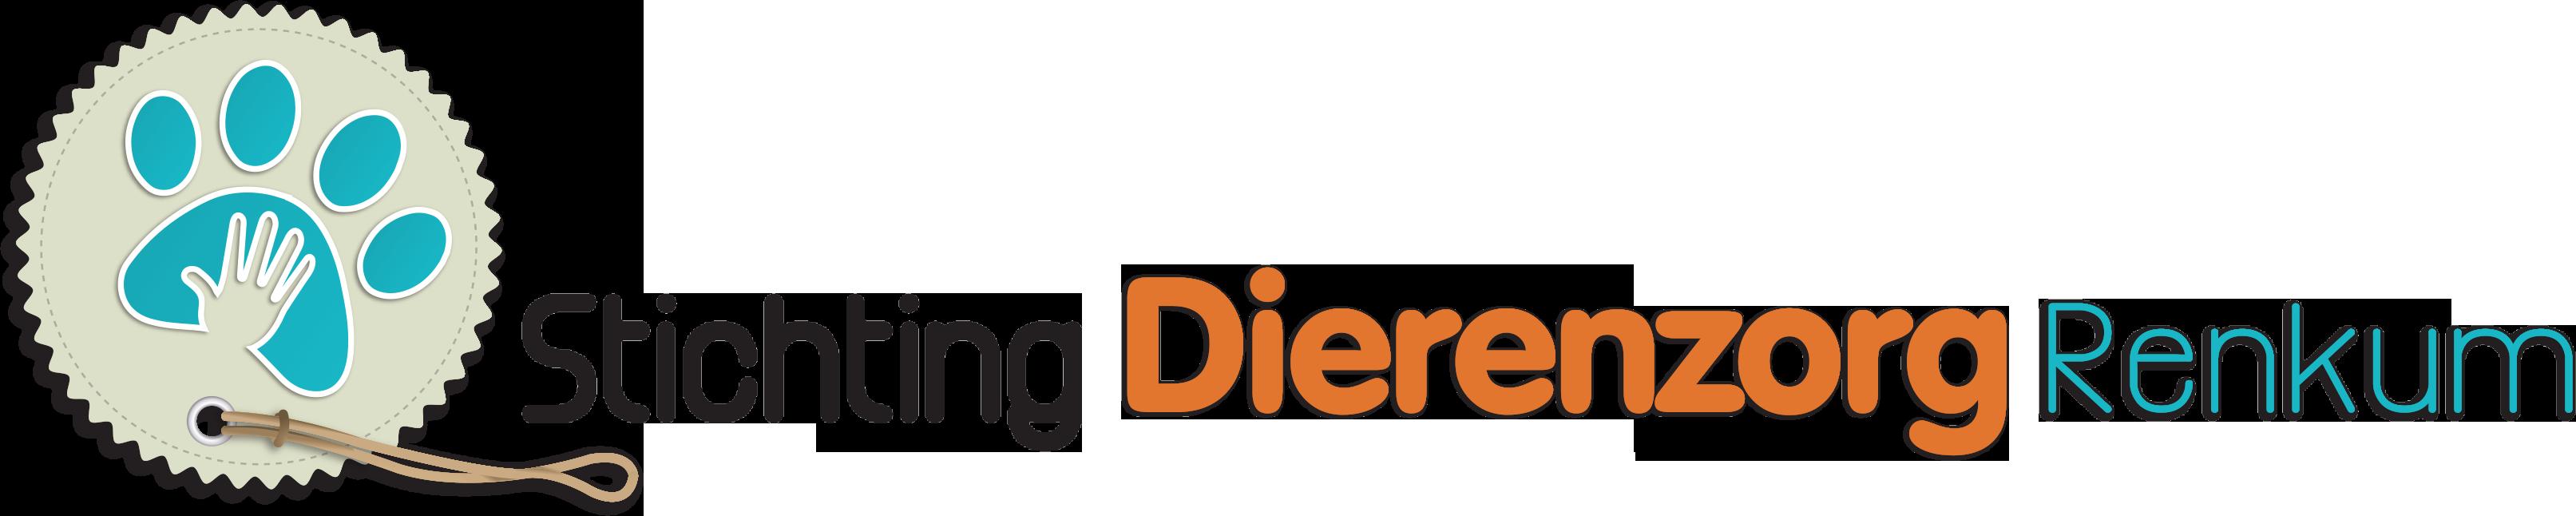 Stichting Dierenzorg Renkum